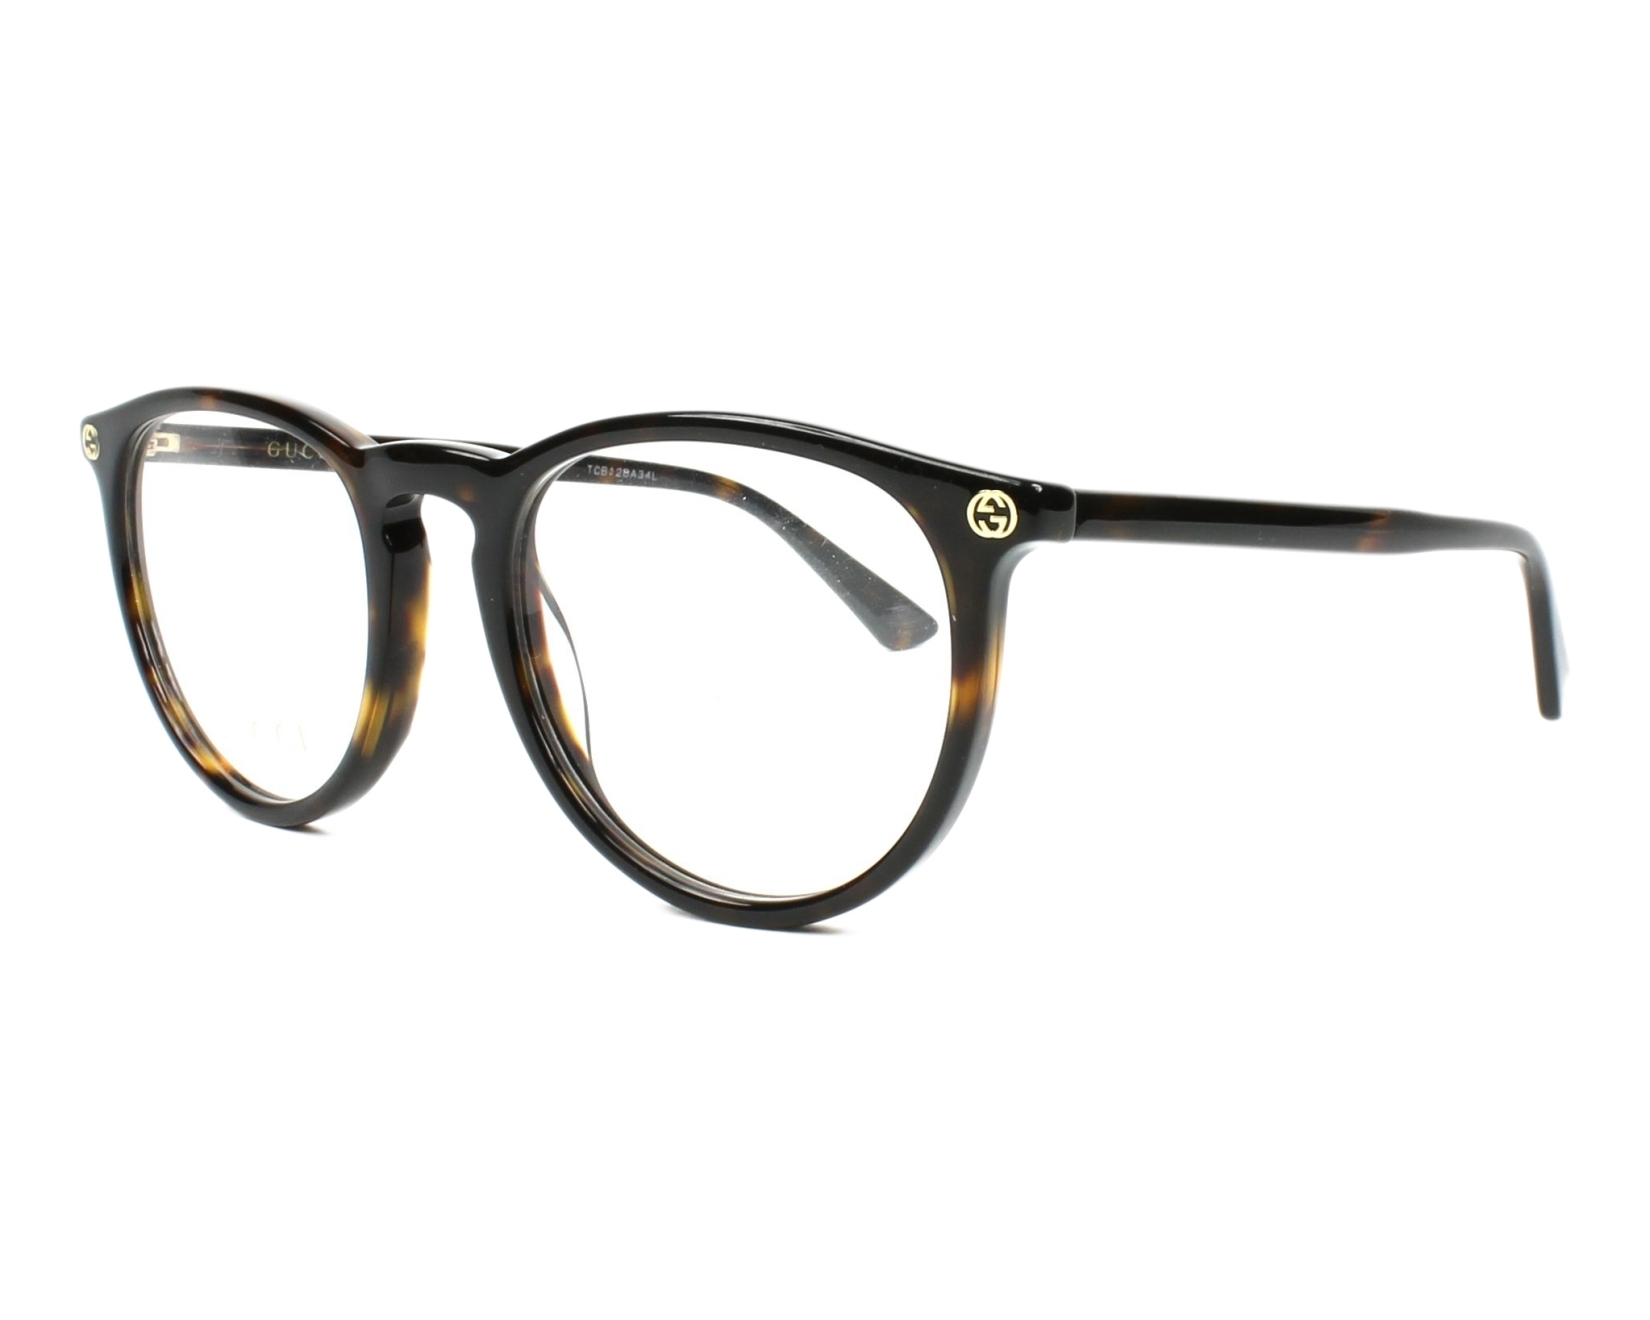 Compre gafas de mujer baratas en línea | Marcas conocidas | En Visionet